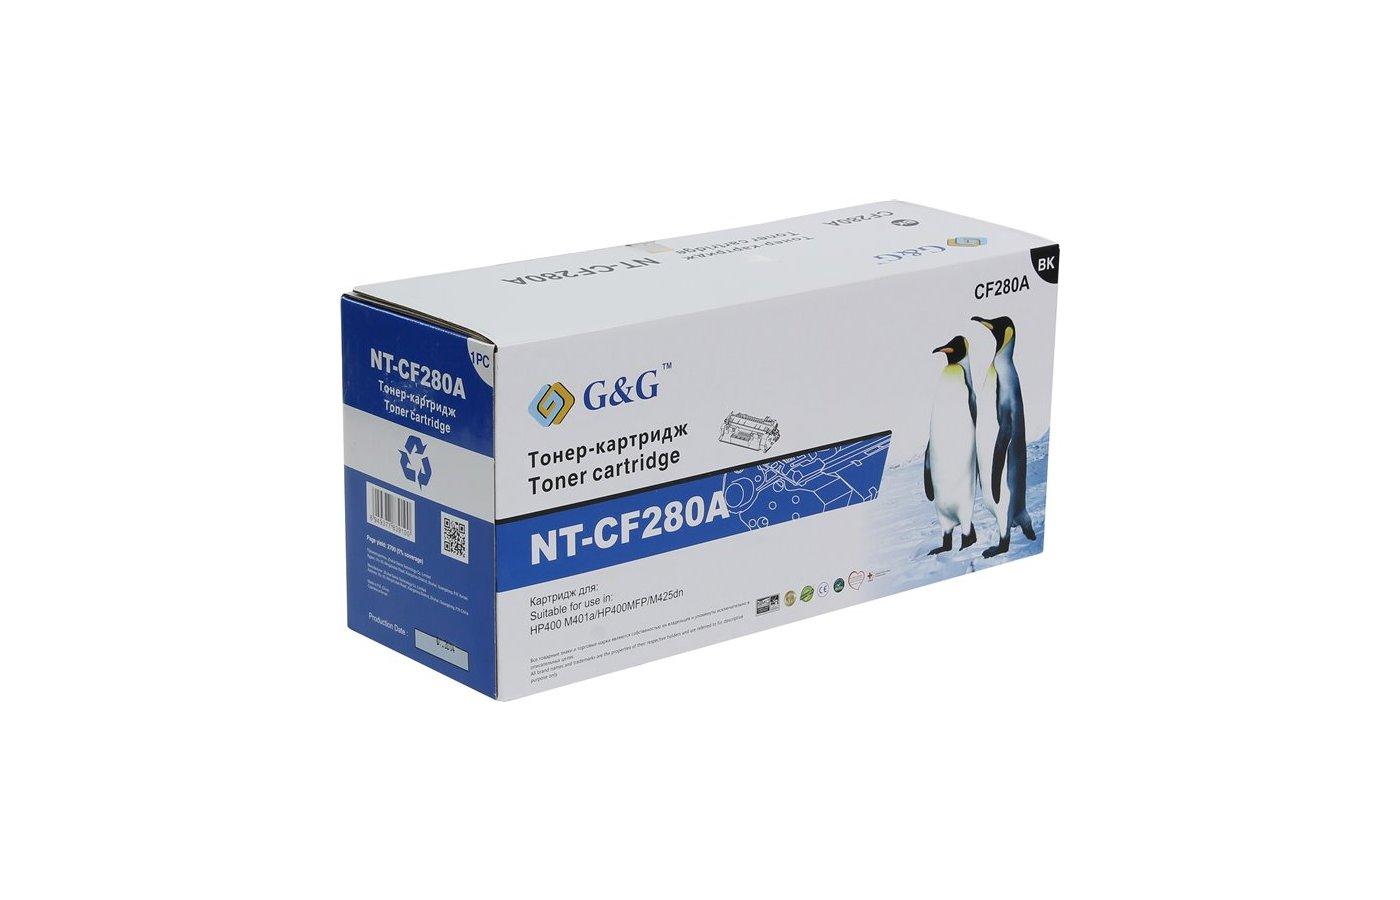 Картридж лазерный GG NT-CF280A